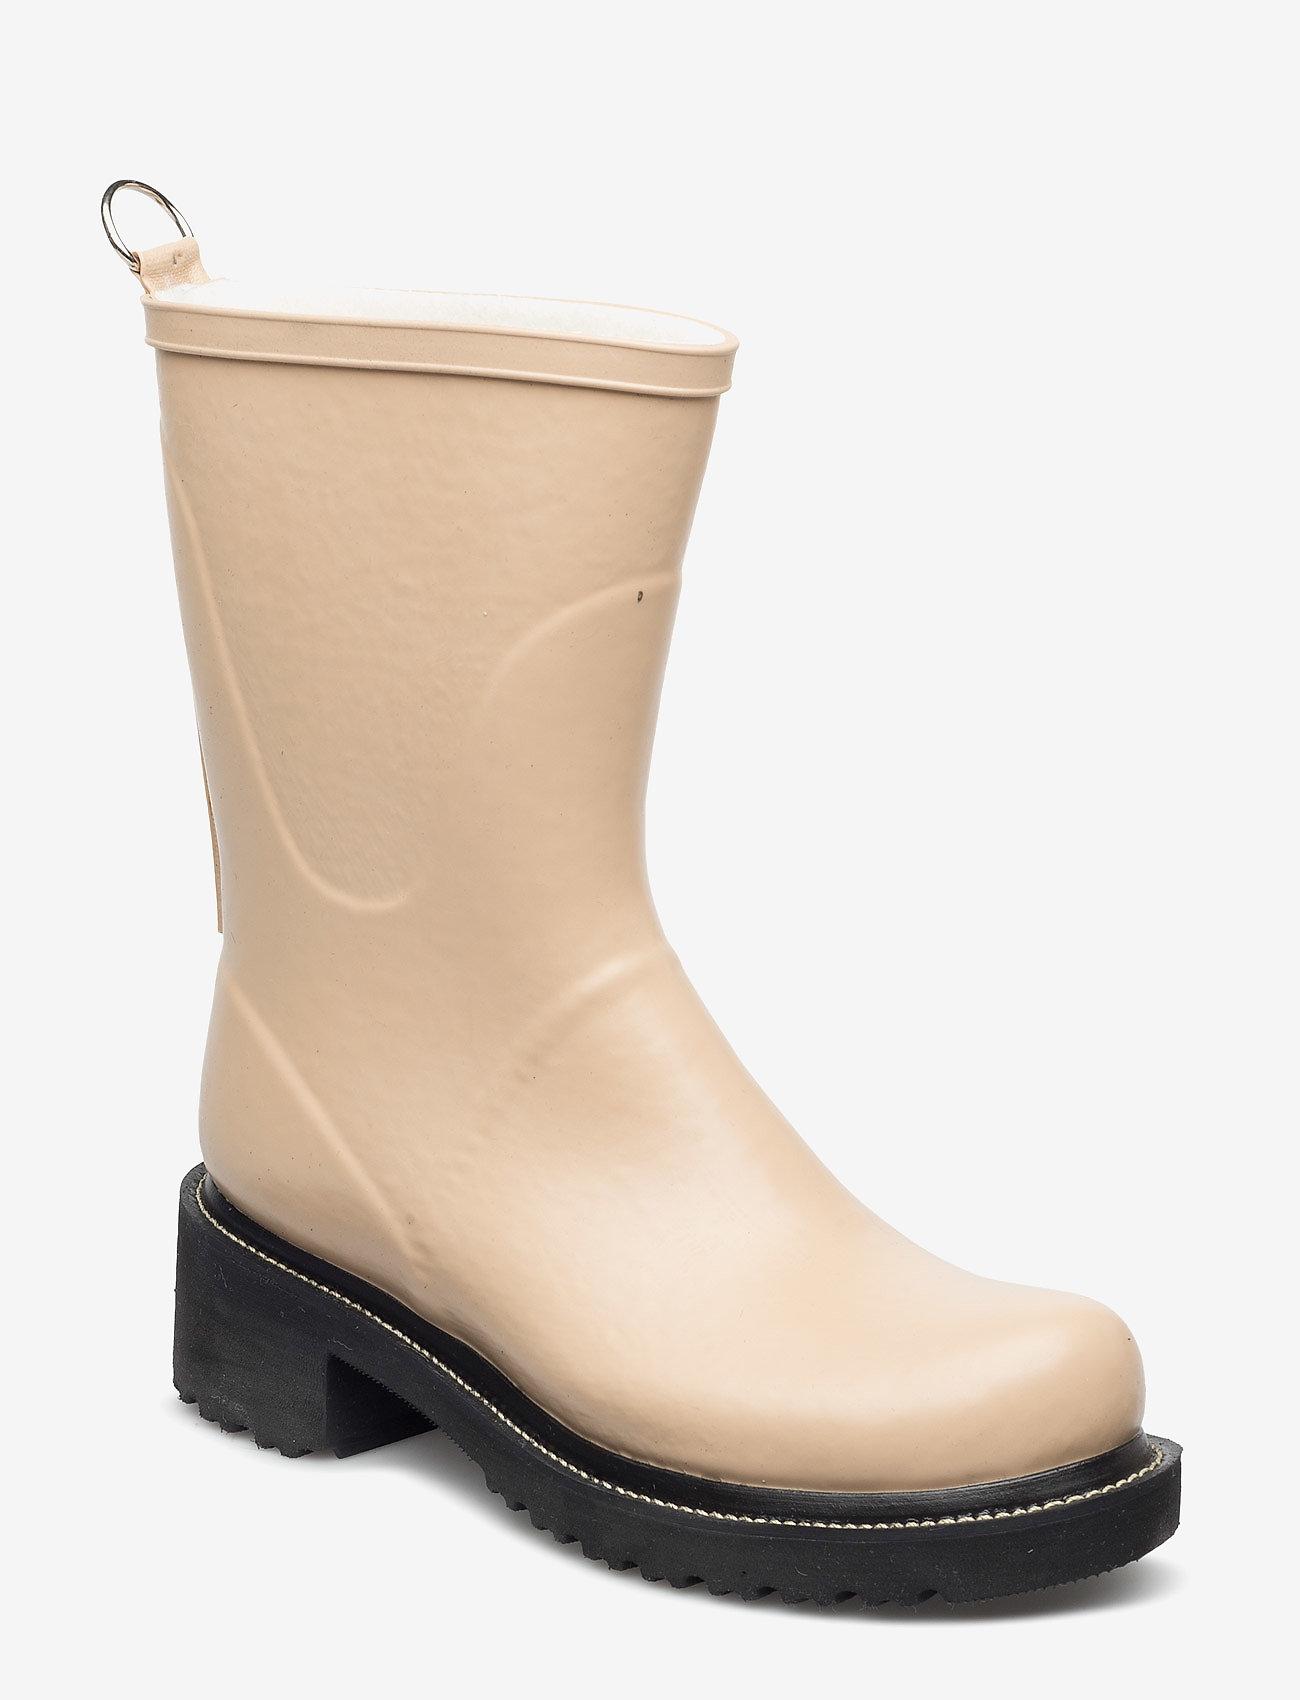 Ilse Jacobsen - 3/4 RUBBER BOOT - rain boots - 210 camel